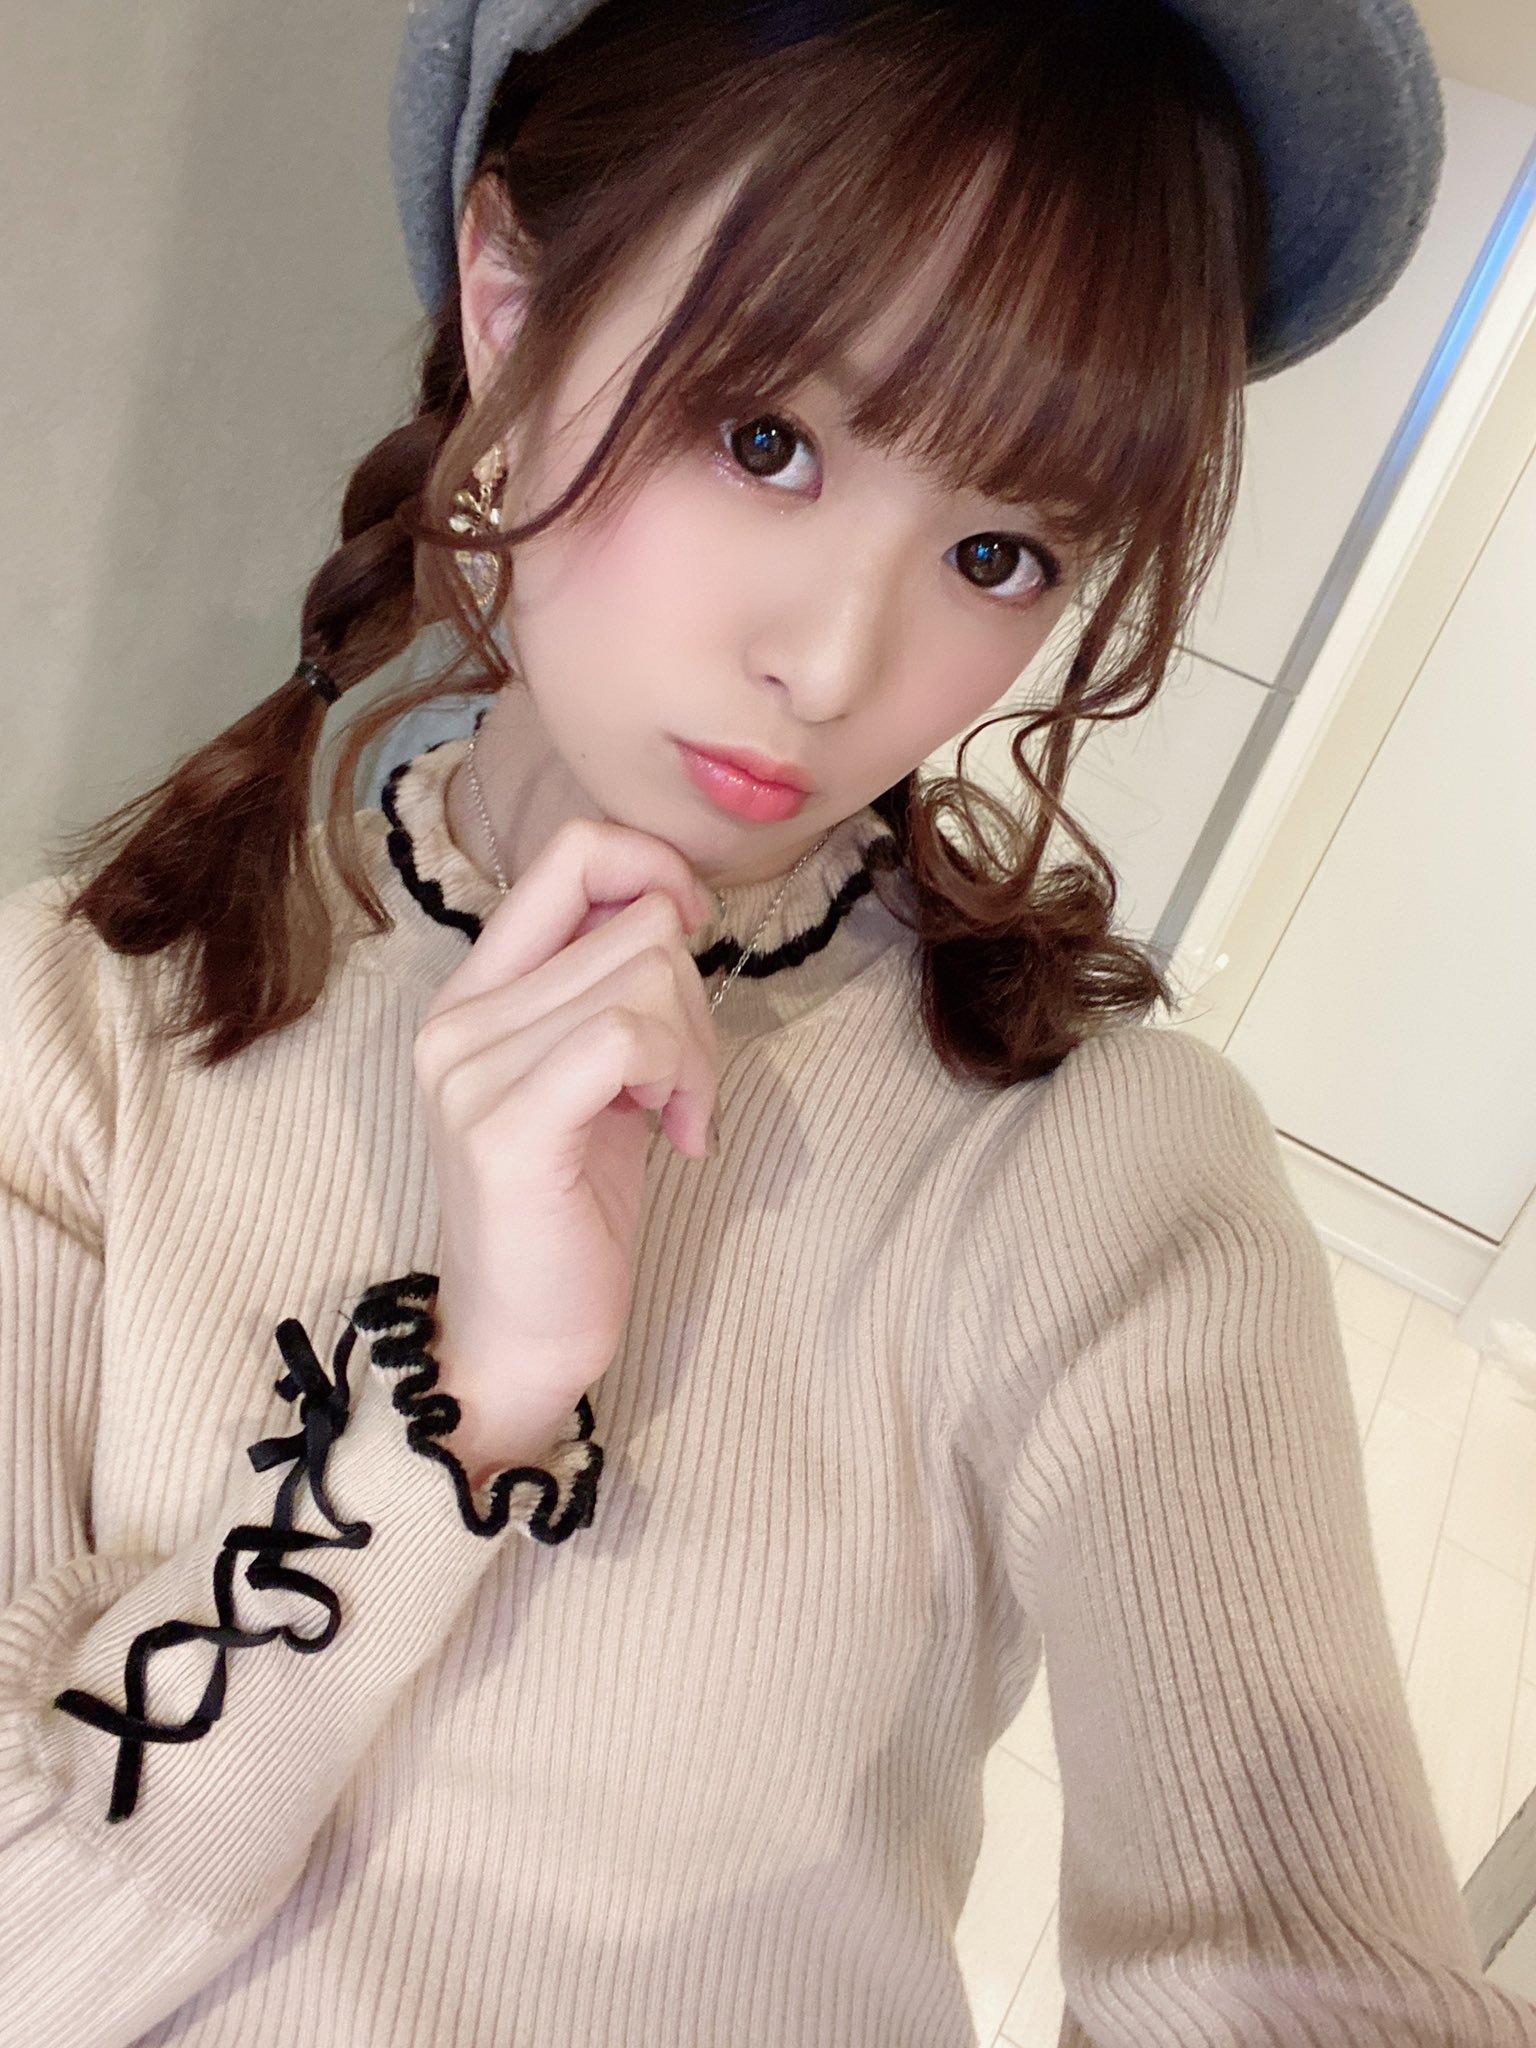 hikari_ninoheee 1239838269333880832_p2